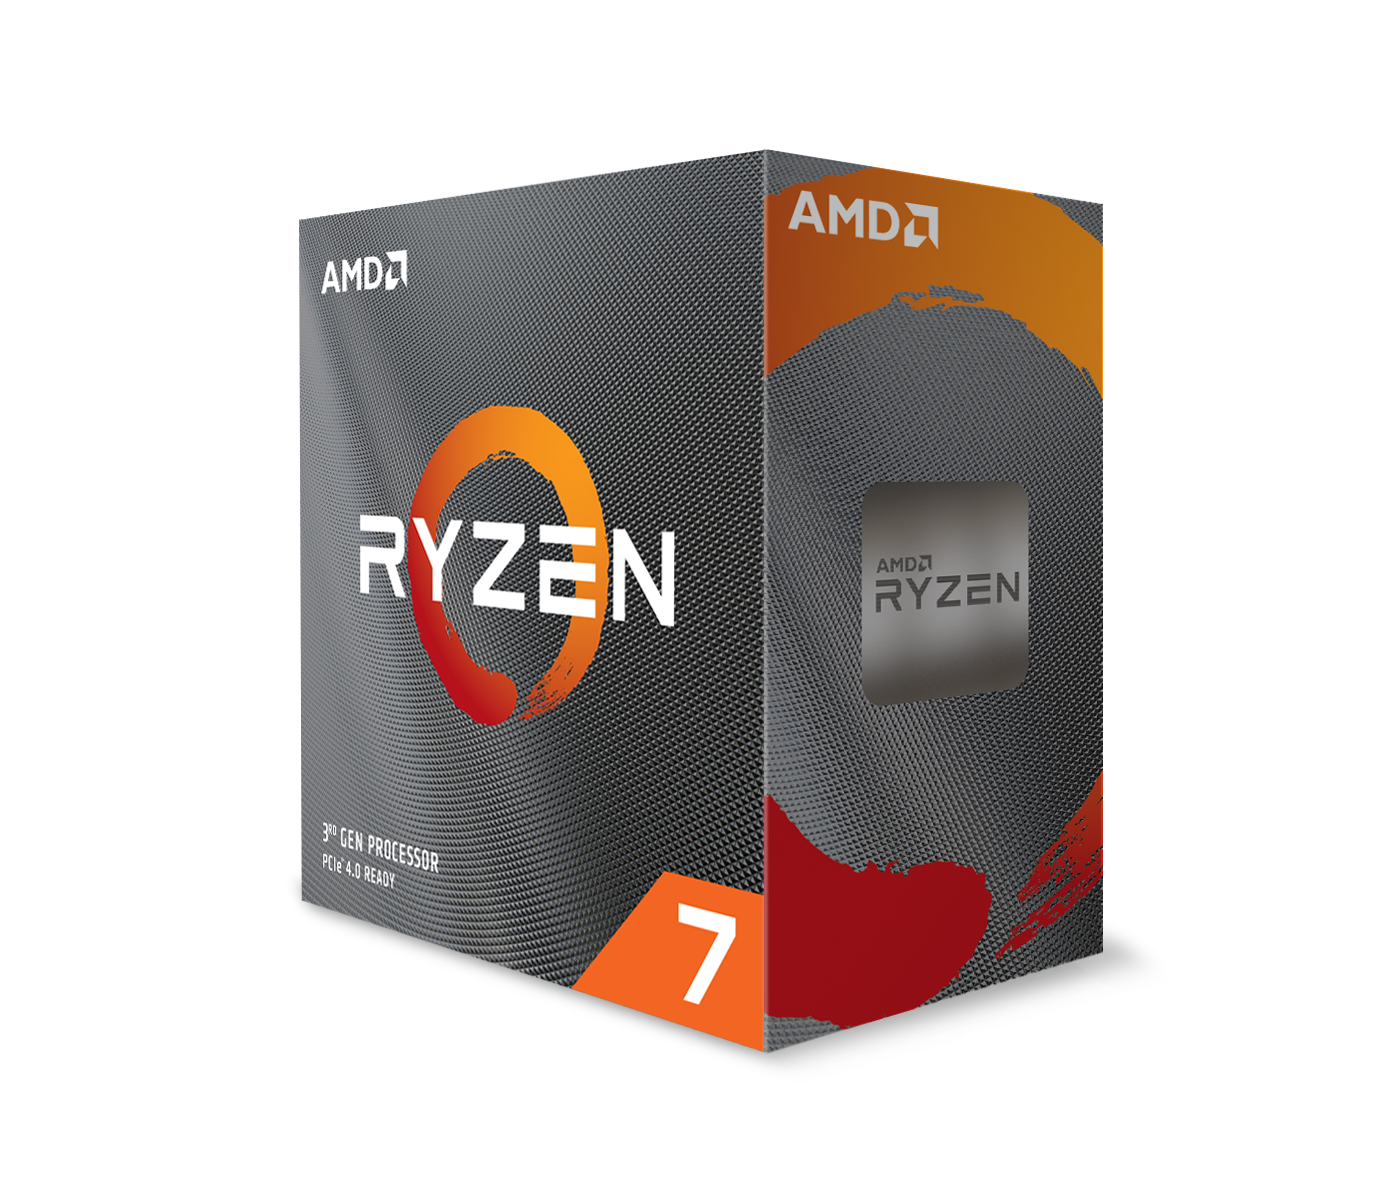 Ryzen 7 Box Left